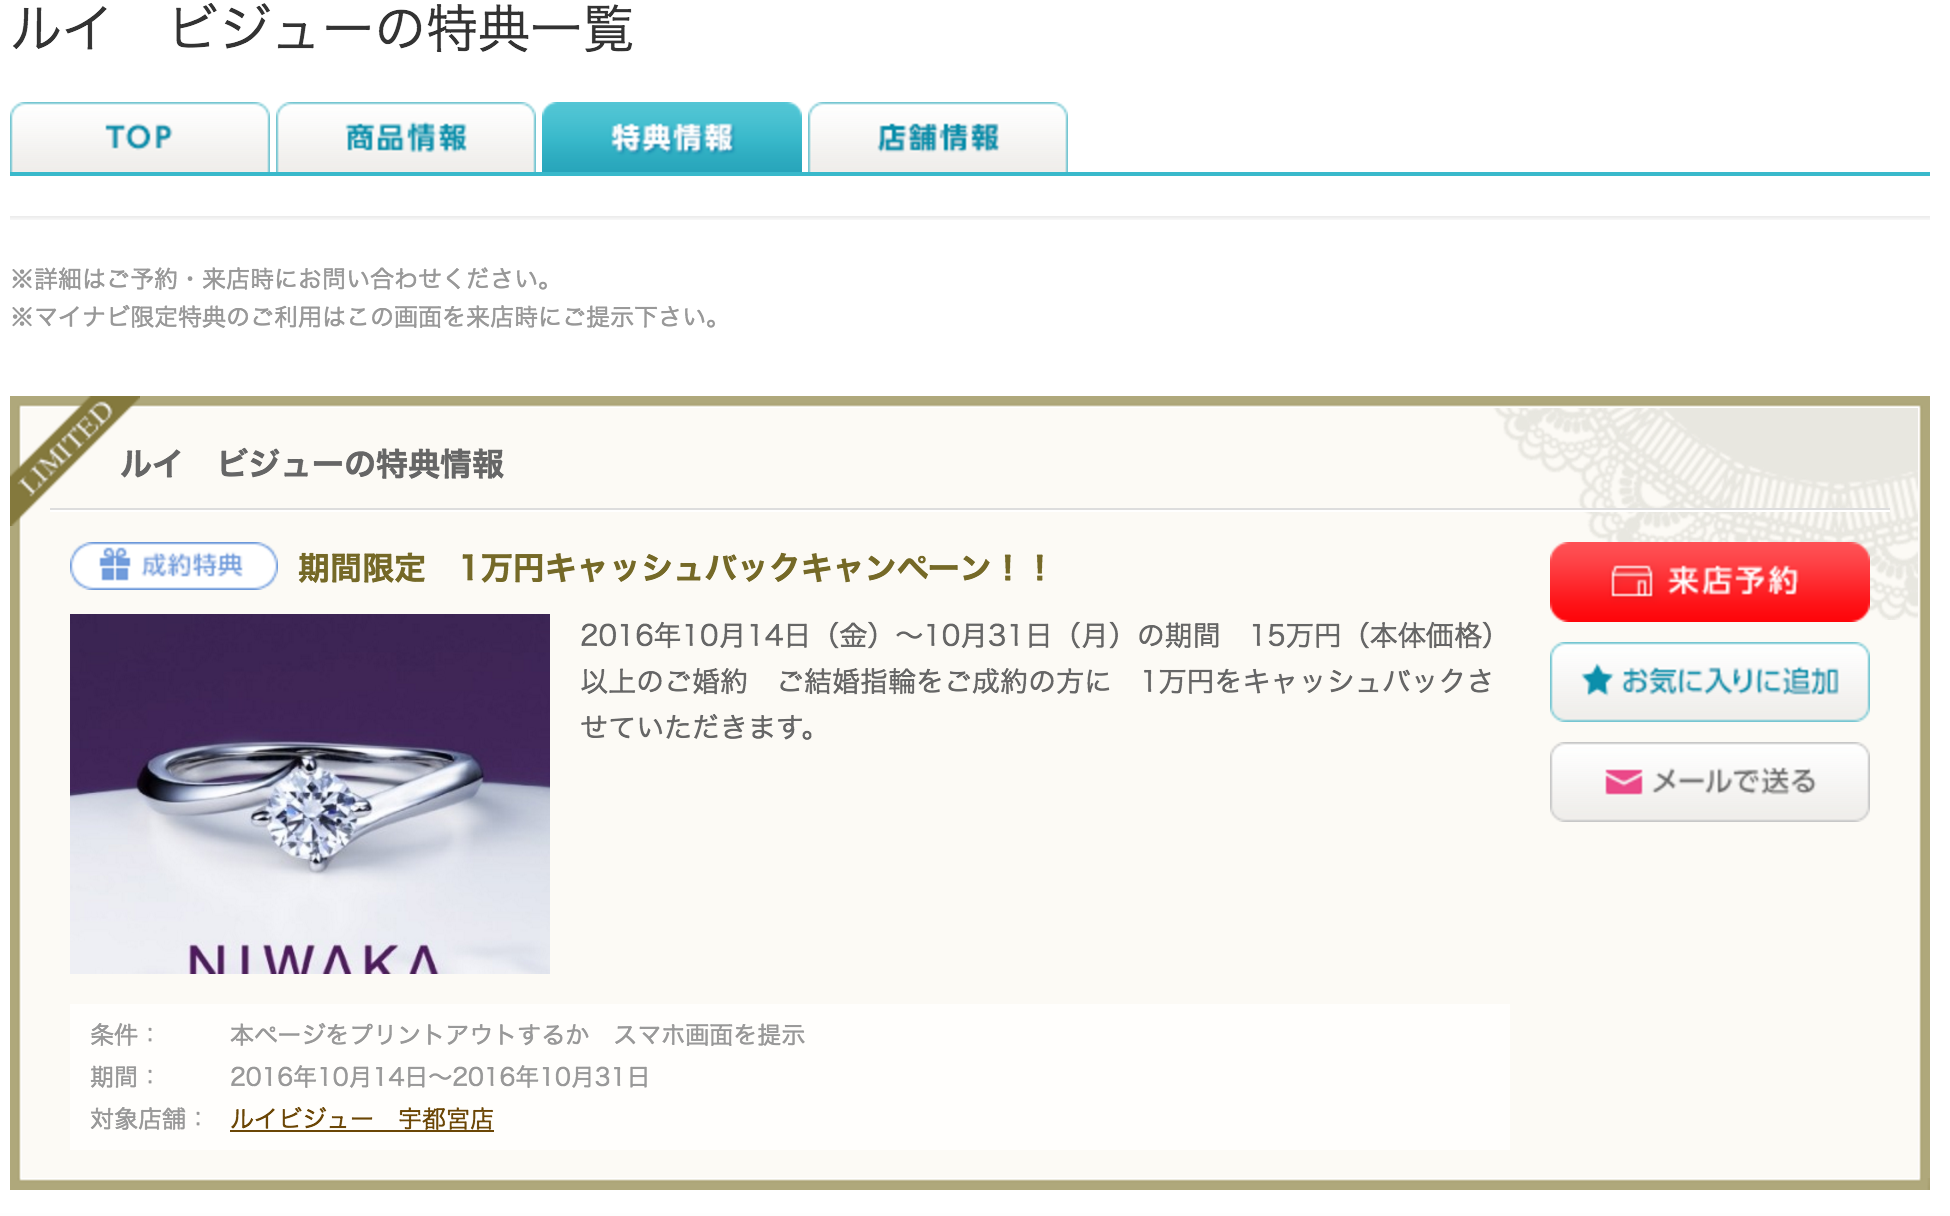 ルイビジュー マイナビウェディングからの来店予約、かつ15万円以上の指輪の成約で1万円キャッシュバック!